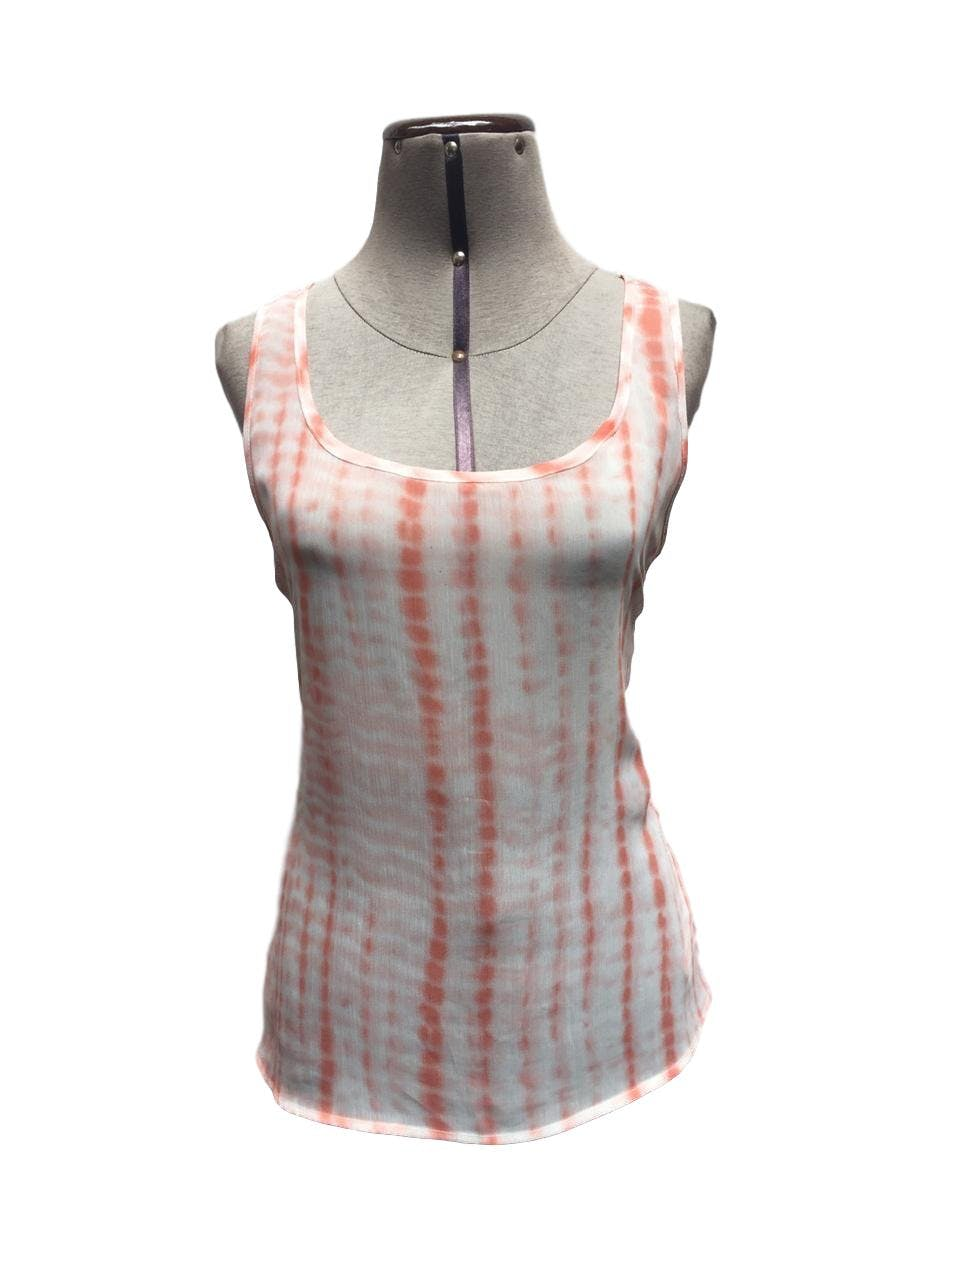 Blusa Denimlab de gasa con estampado Batik en tonos blanco y salmón Talla S/M